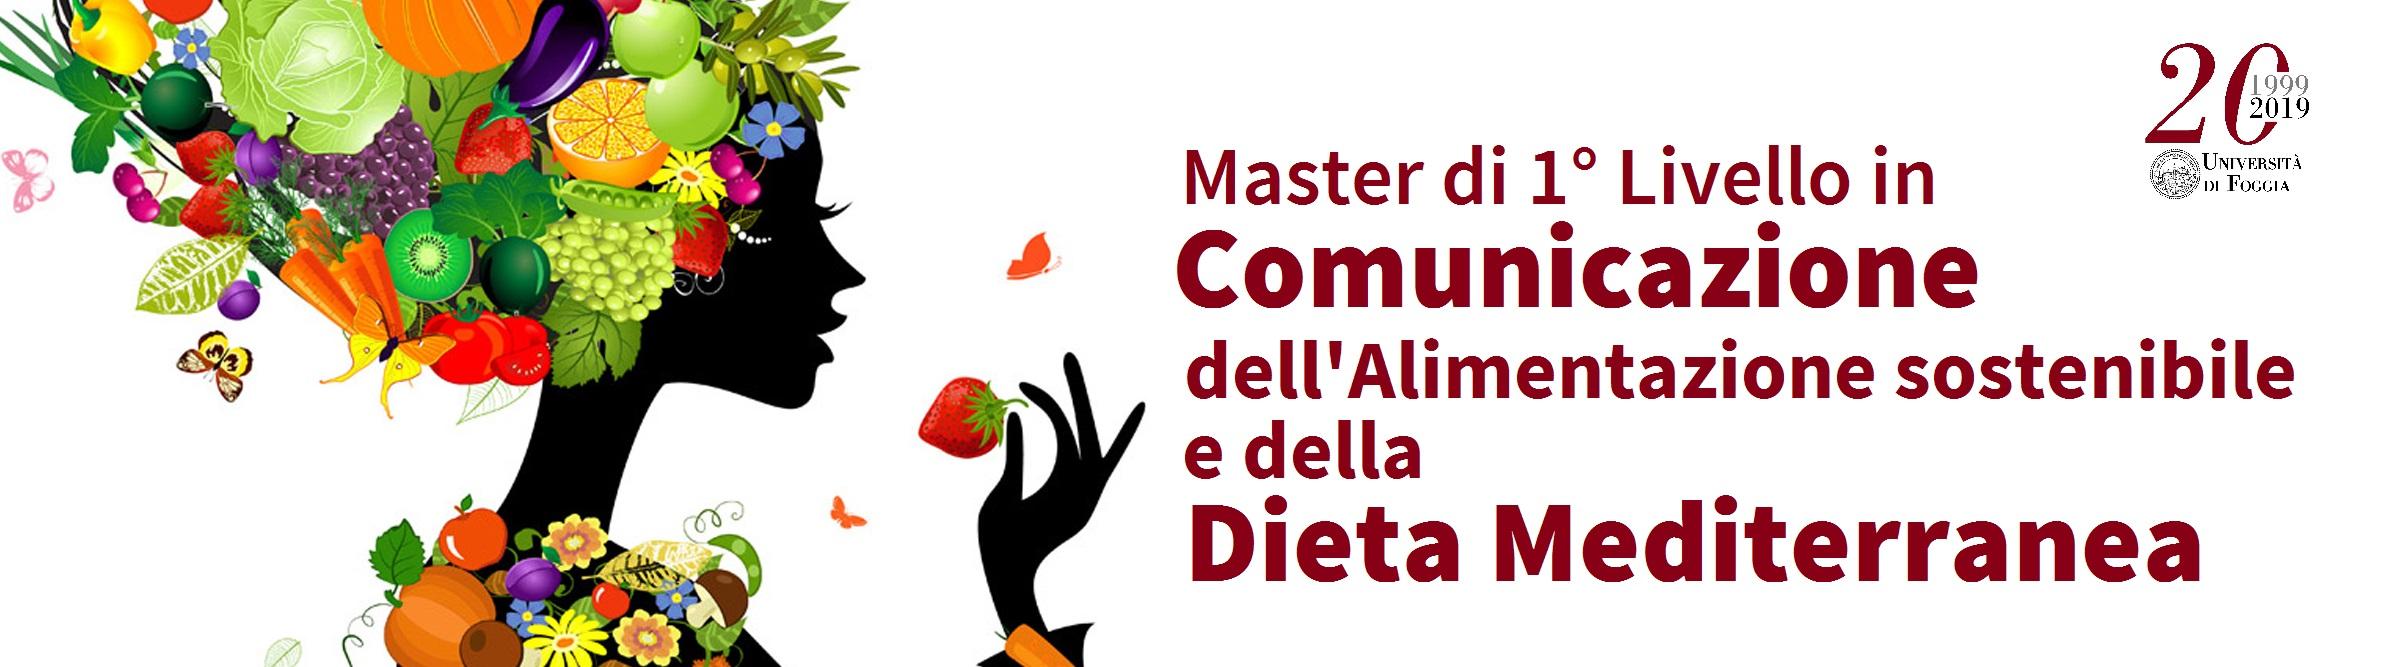 Master in Comunicazione dell'Alimentazione sostenibile e della Dieta Mediterranea_Banner